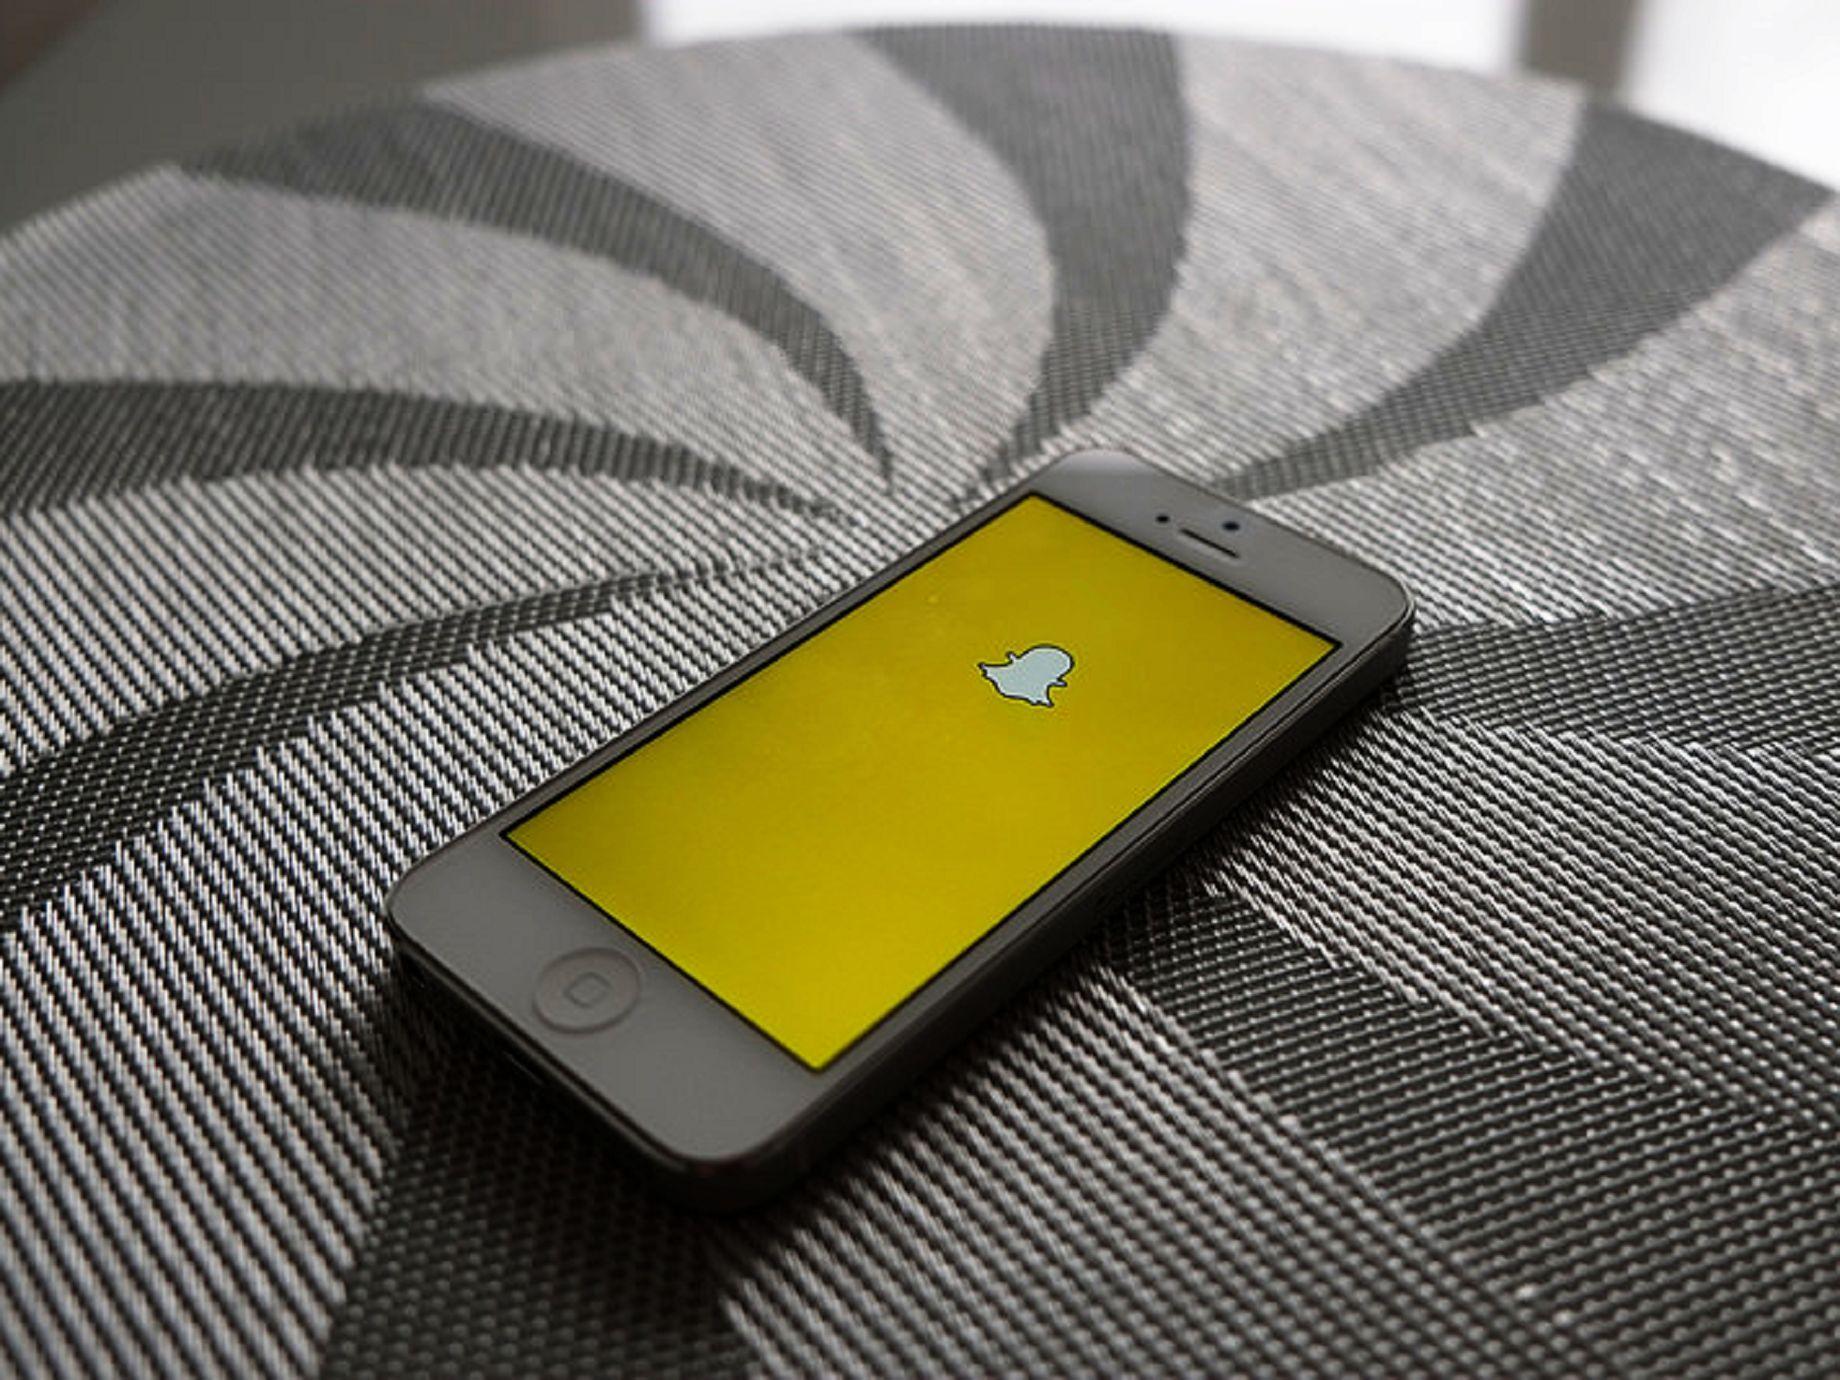 不只青少年獨享的好玩樂趣,Snapchat上市後將向上拓展更熟齡市場